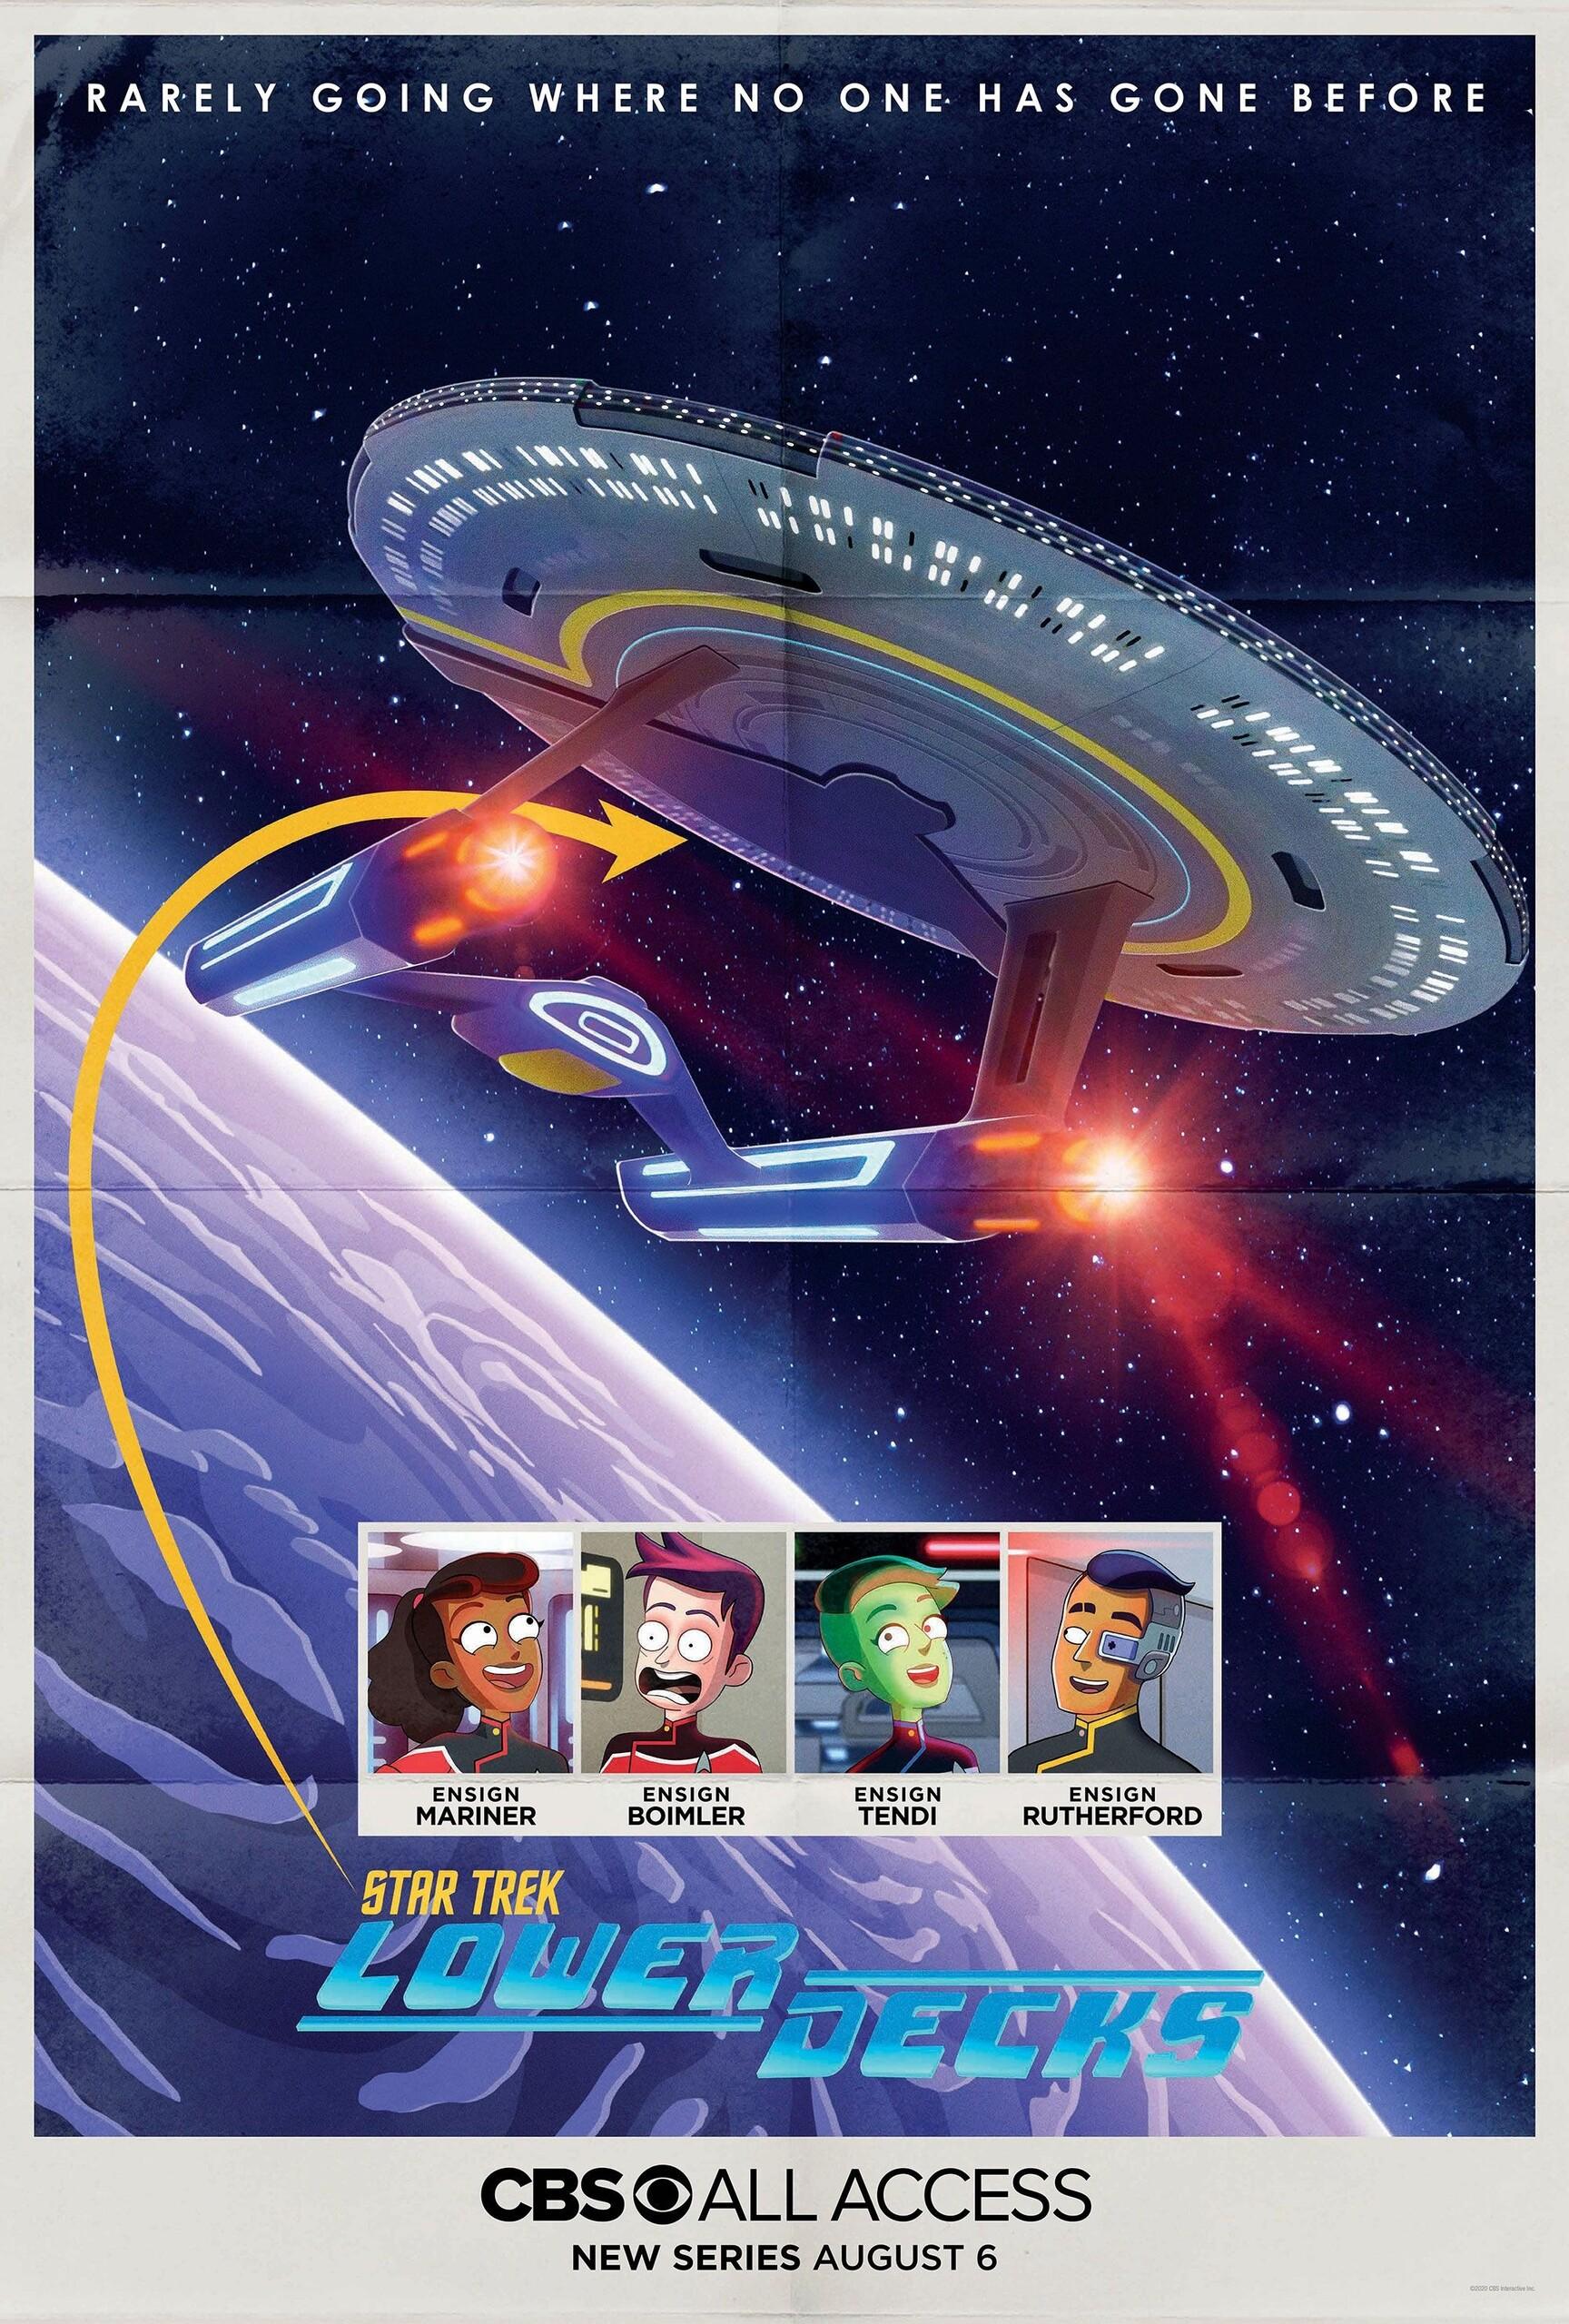 Звёздный путь: Нижние палубы, постер № 1